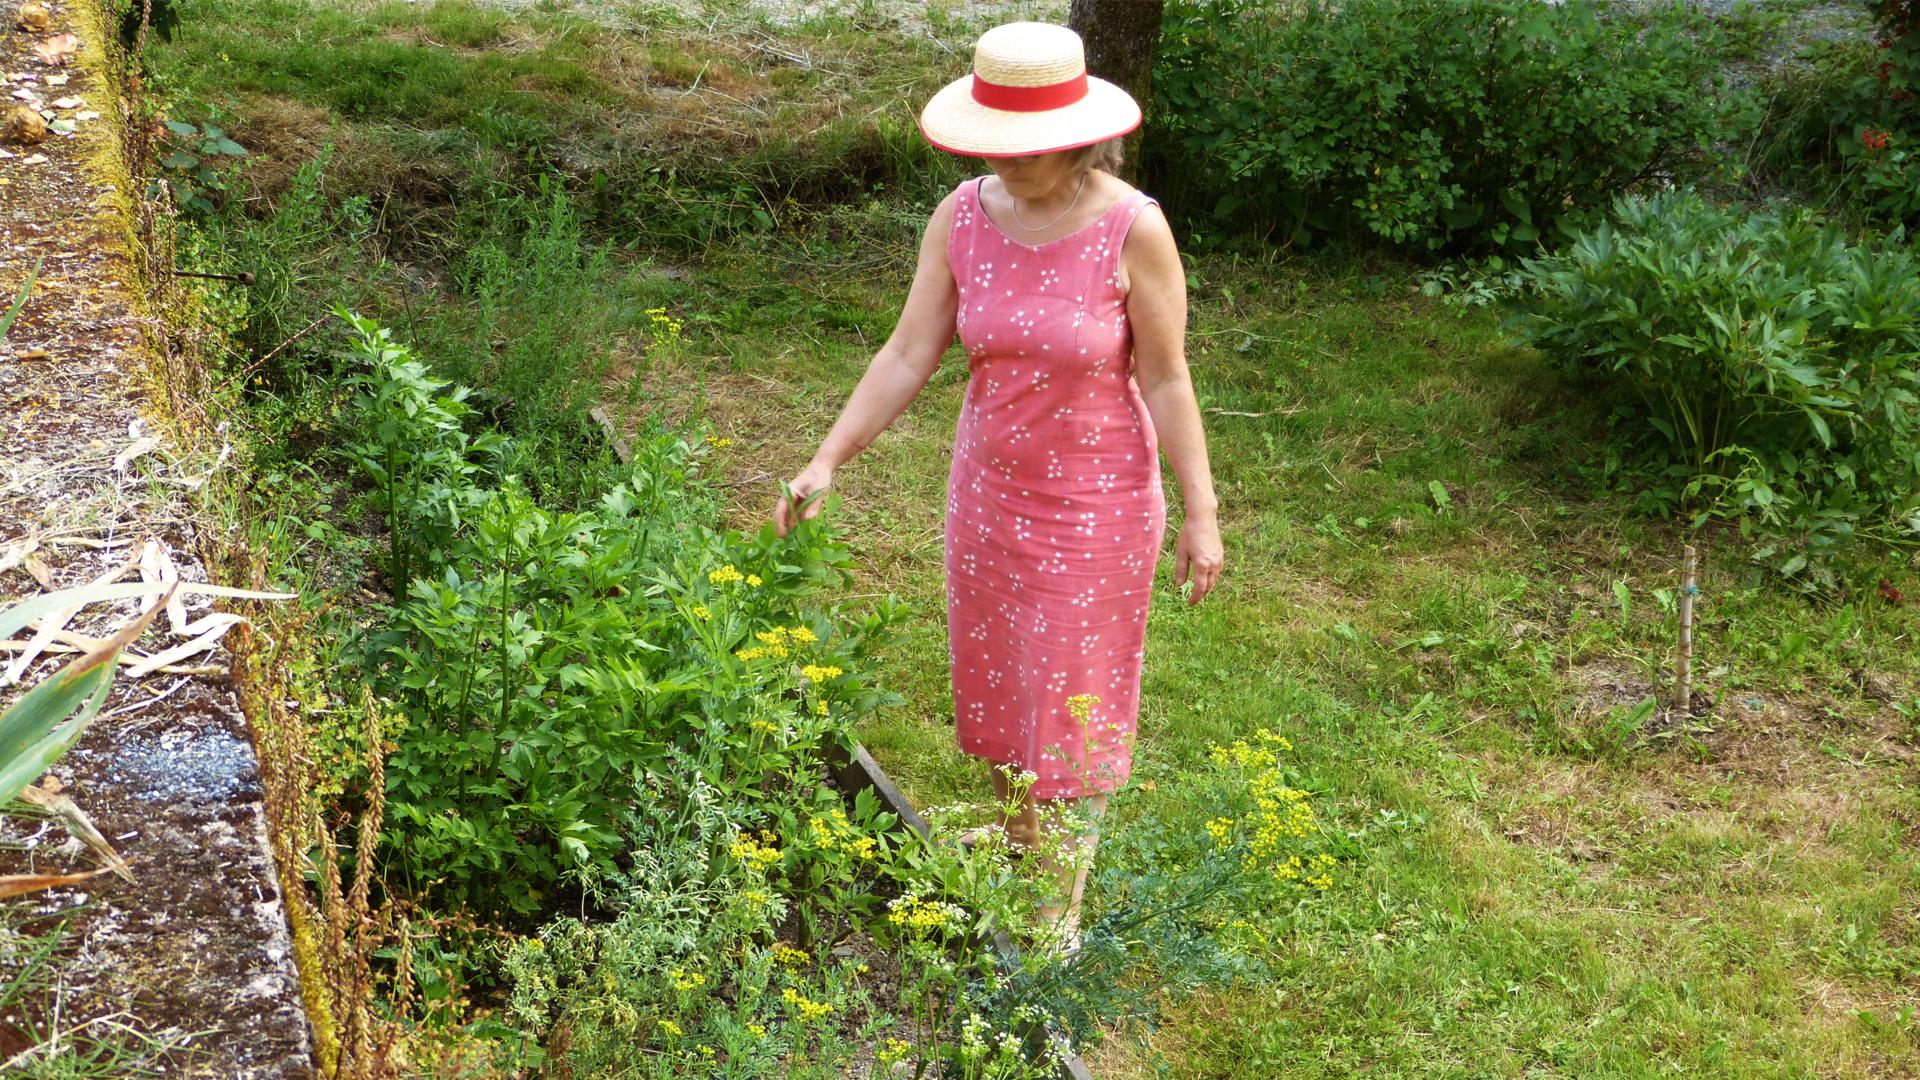 jardin-des-saveurs-villeneuve-sur-tarn-sylvie-campech-les-causeries-culinaires-plantes-aromatiques-anciennes-slide